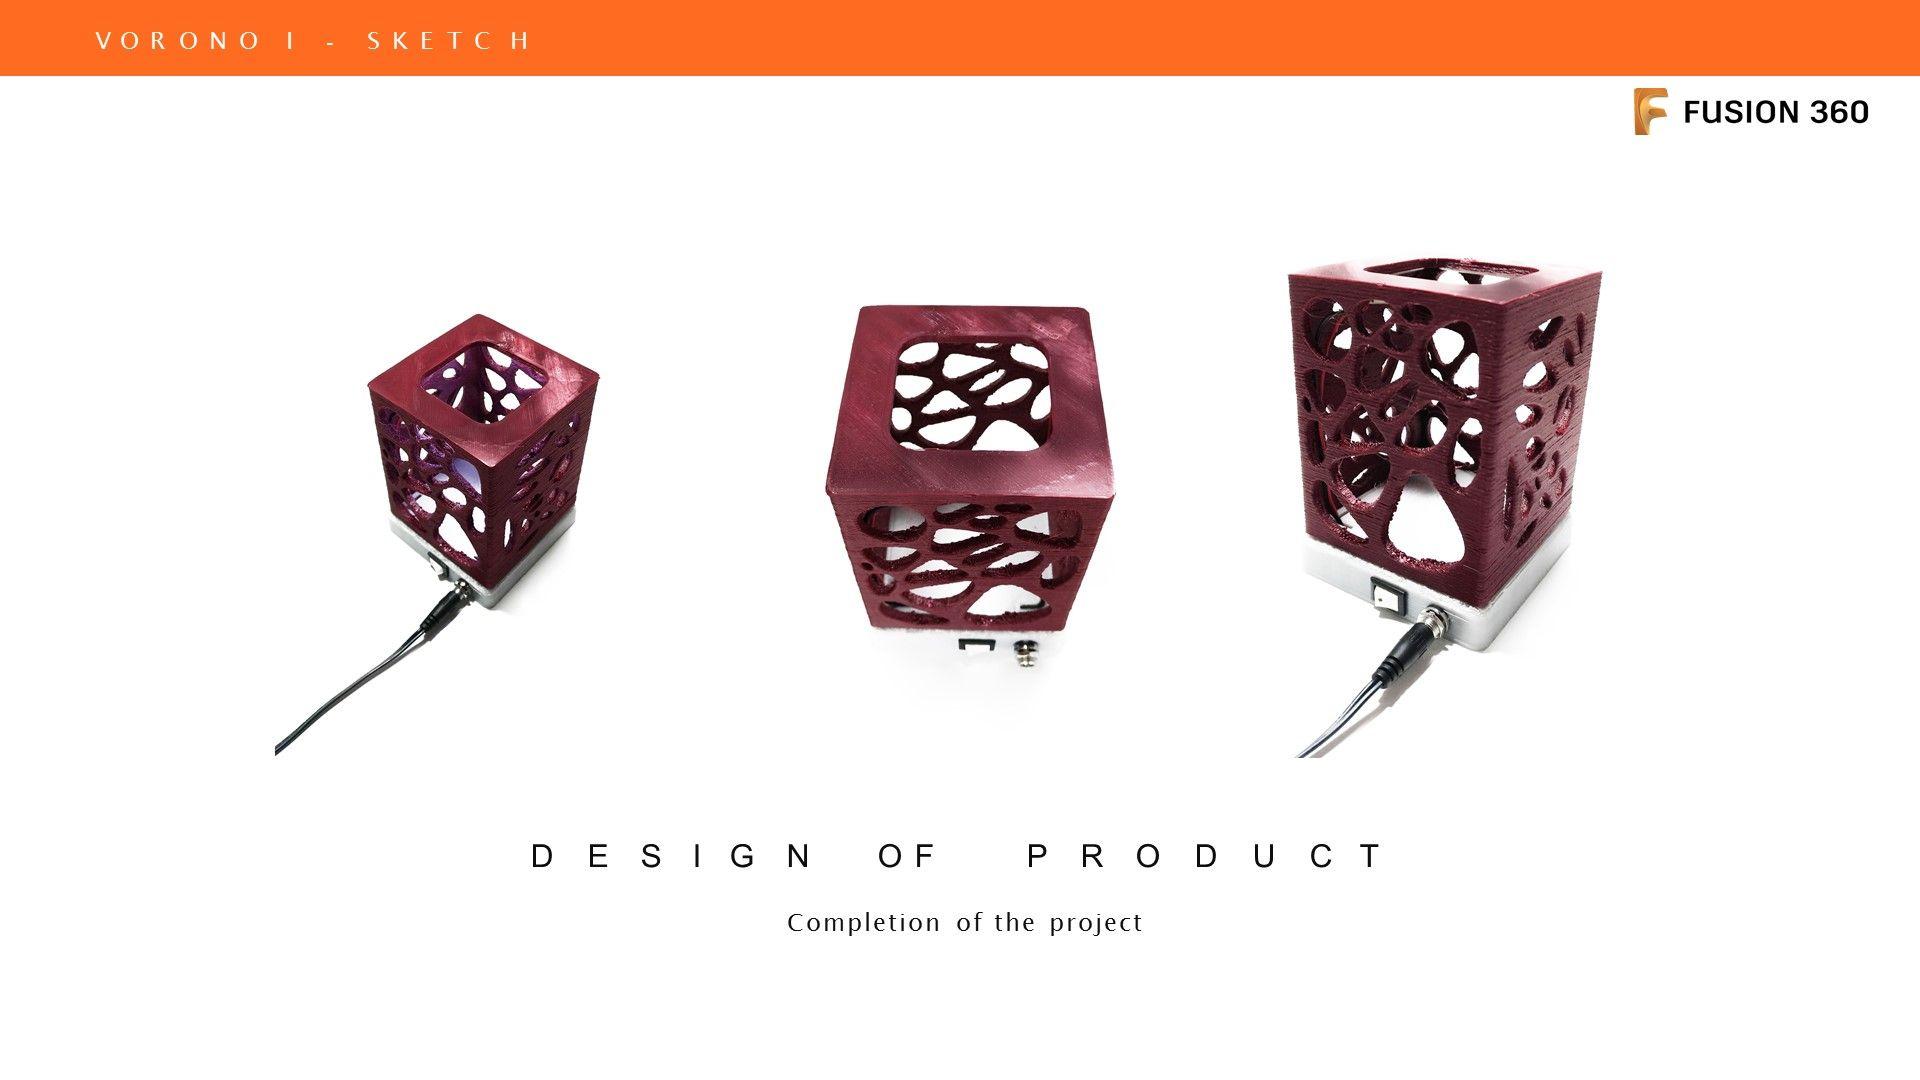 Design-de-produto-fusion-360-ing-fab-ftg-3500-3500